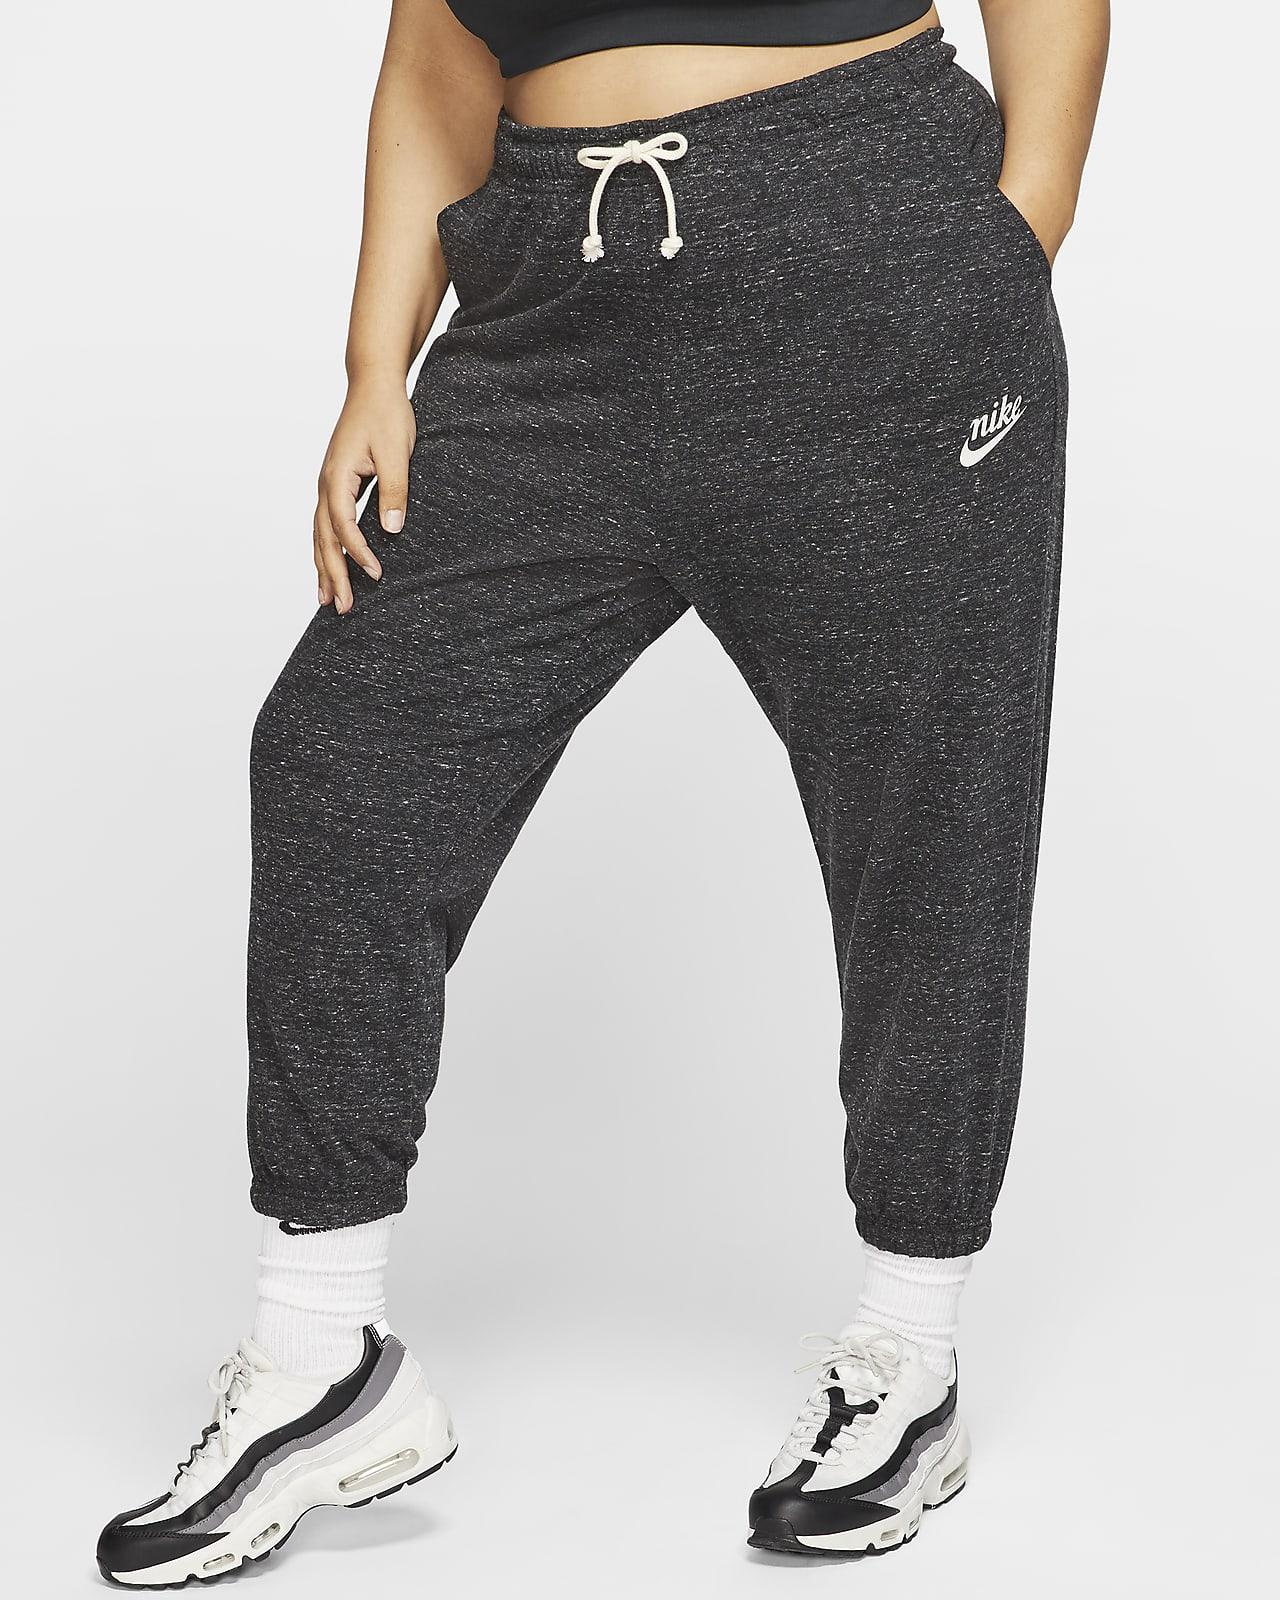 Nike Sportswear Women's Mid-Rise Capris (Plus Size)